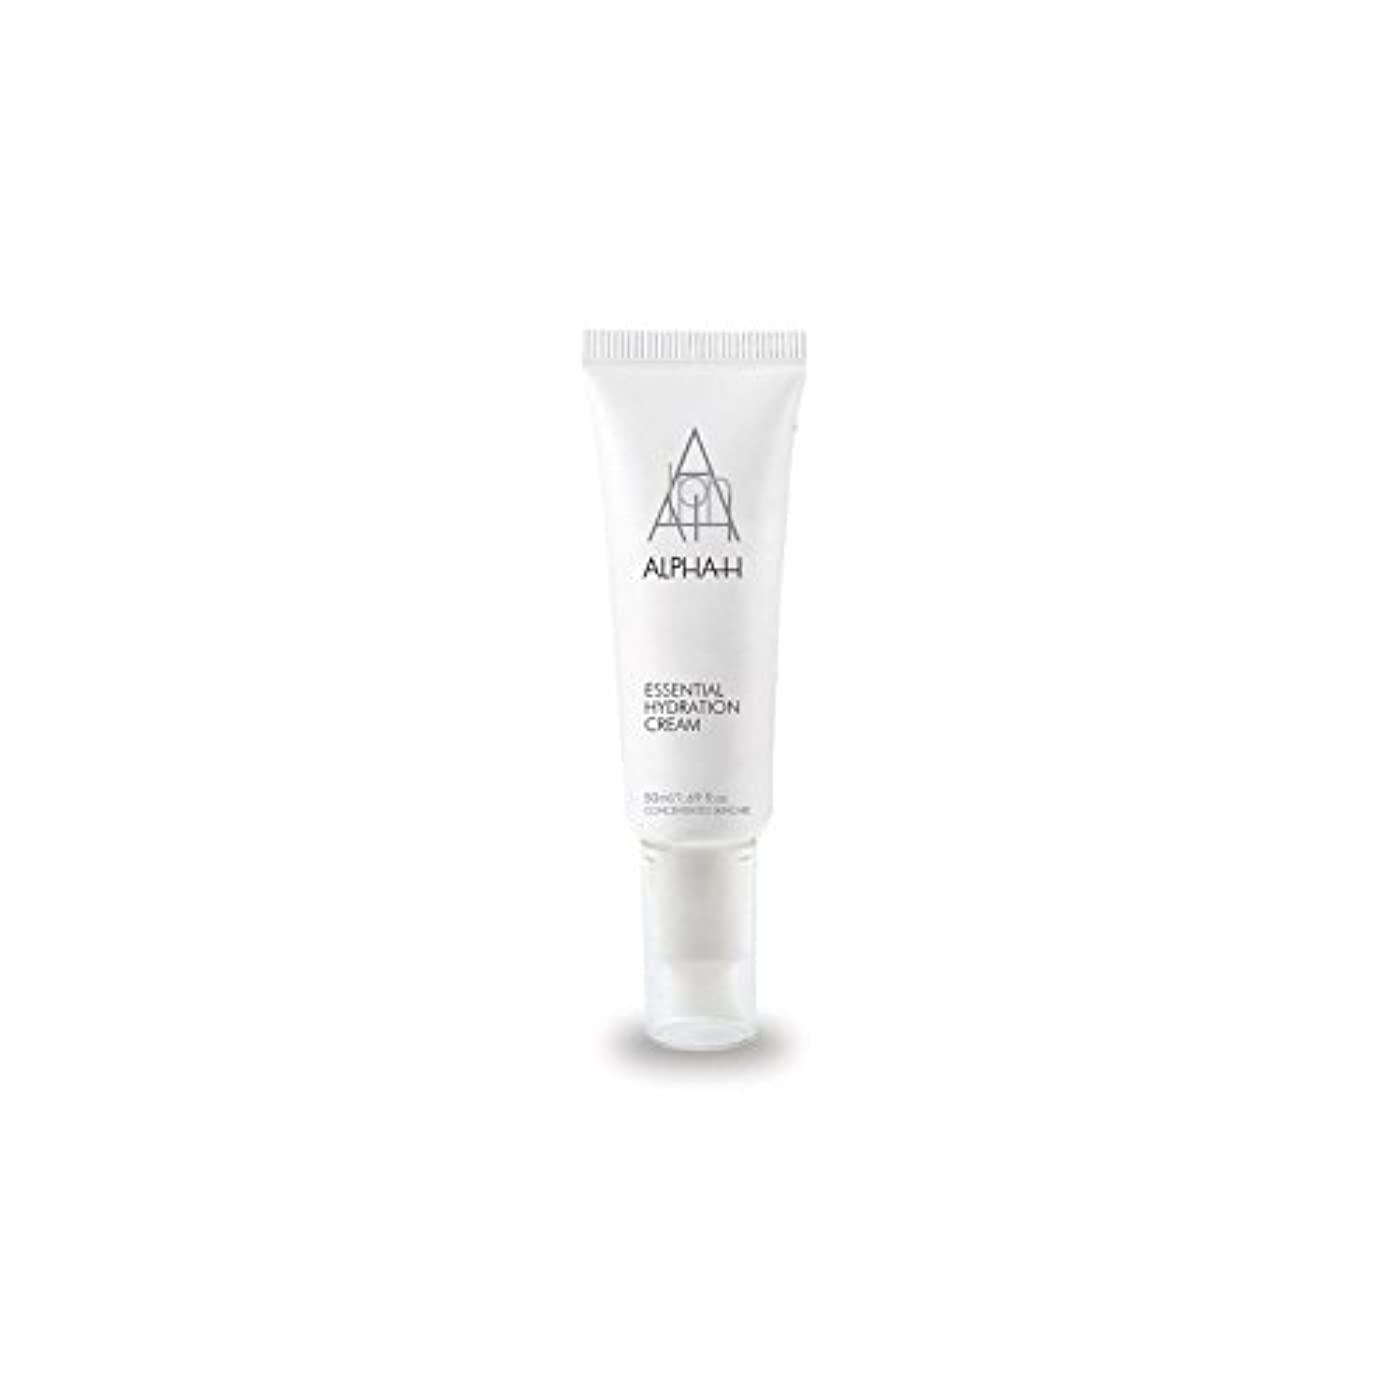 ほこり笑いルーチンAlpha-H Essential Hydration Cream (50ml) (Pack of 6) - アルファ必須水和クリーム(50)中 x6 [並行輸入品]